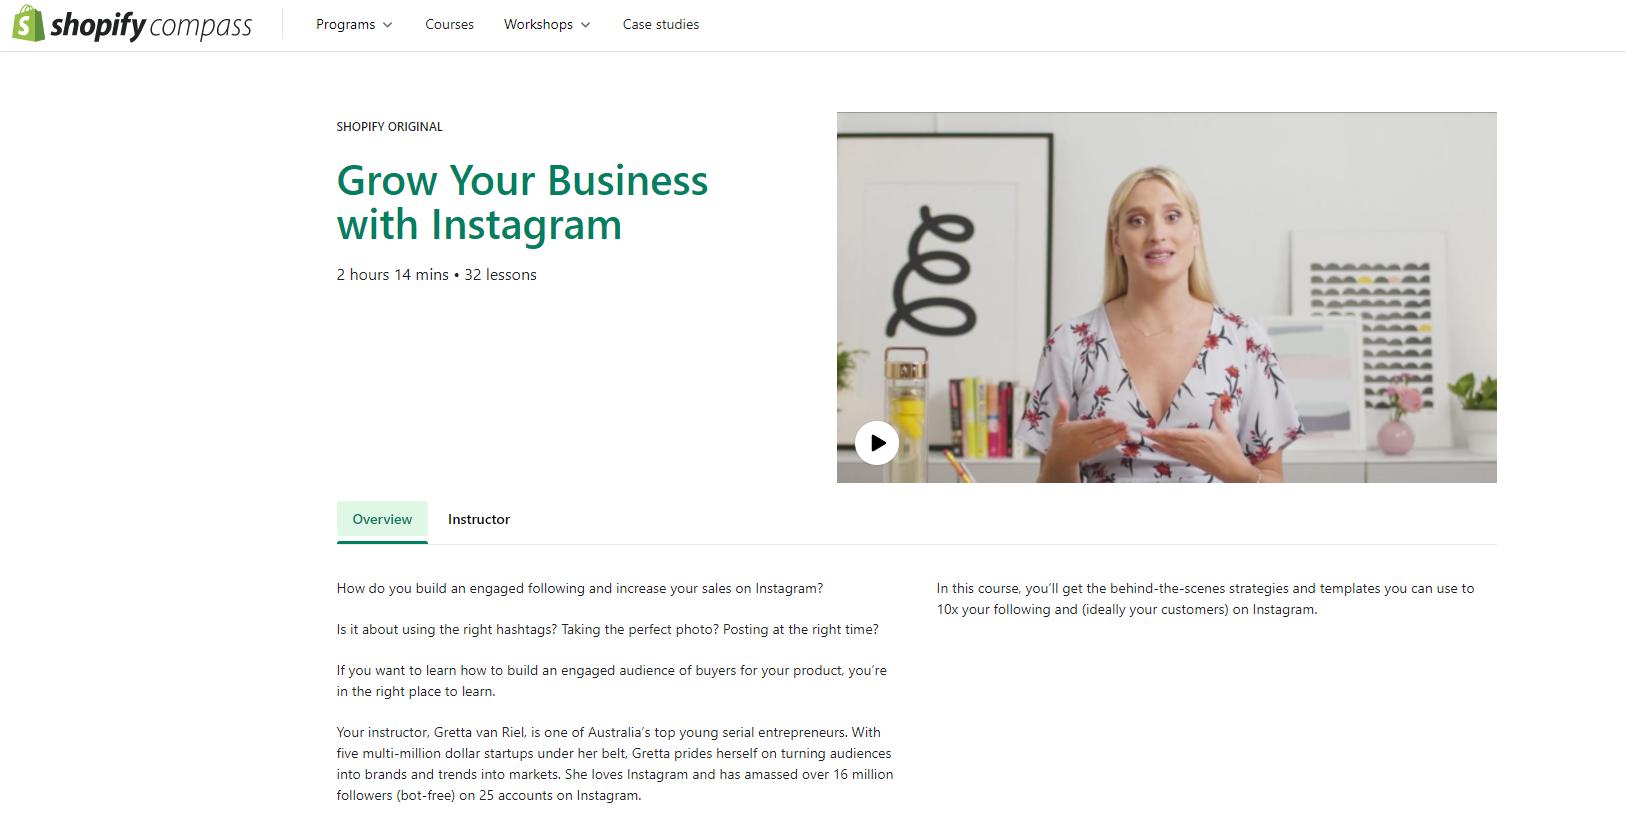 Curso para empreendedor: Cresça seu negócio com o Instagram, da Shopify Compass